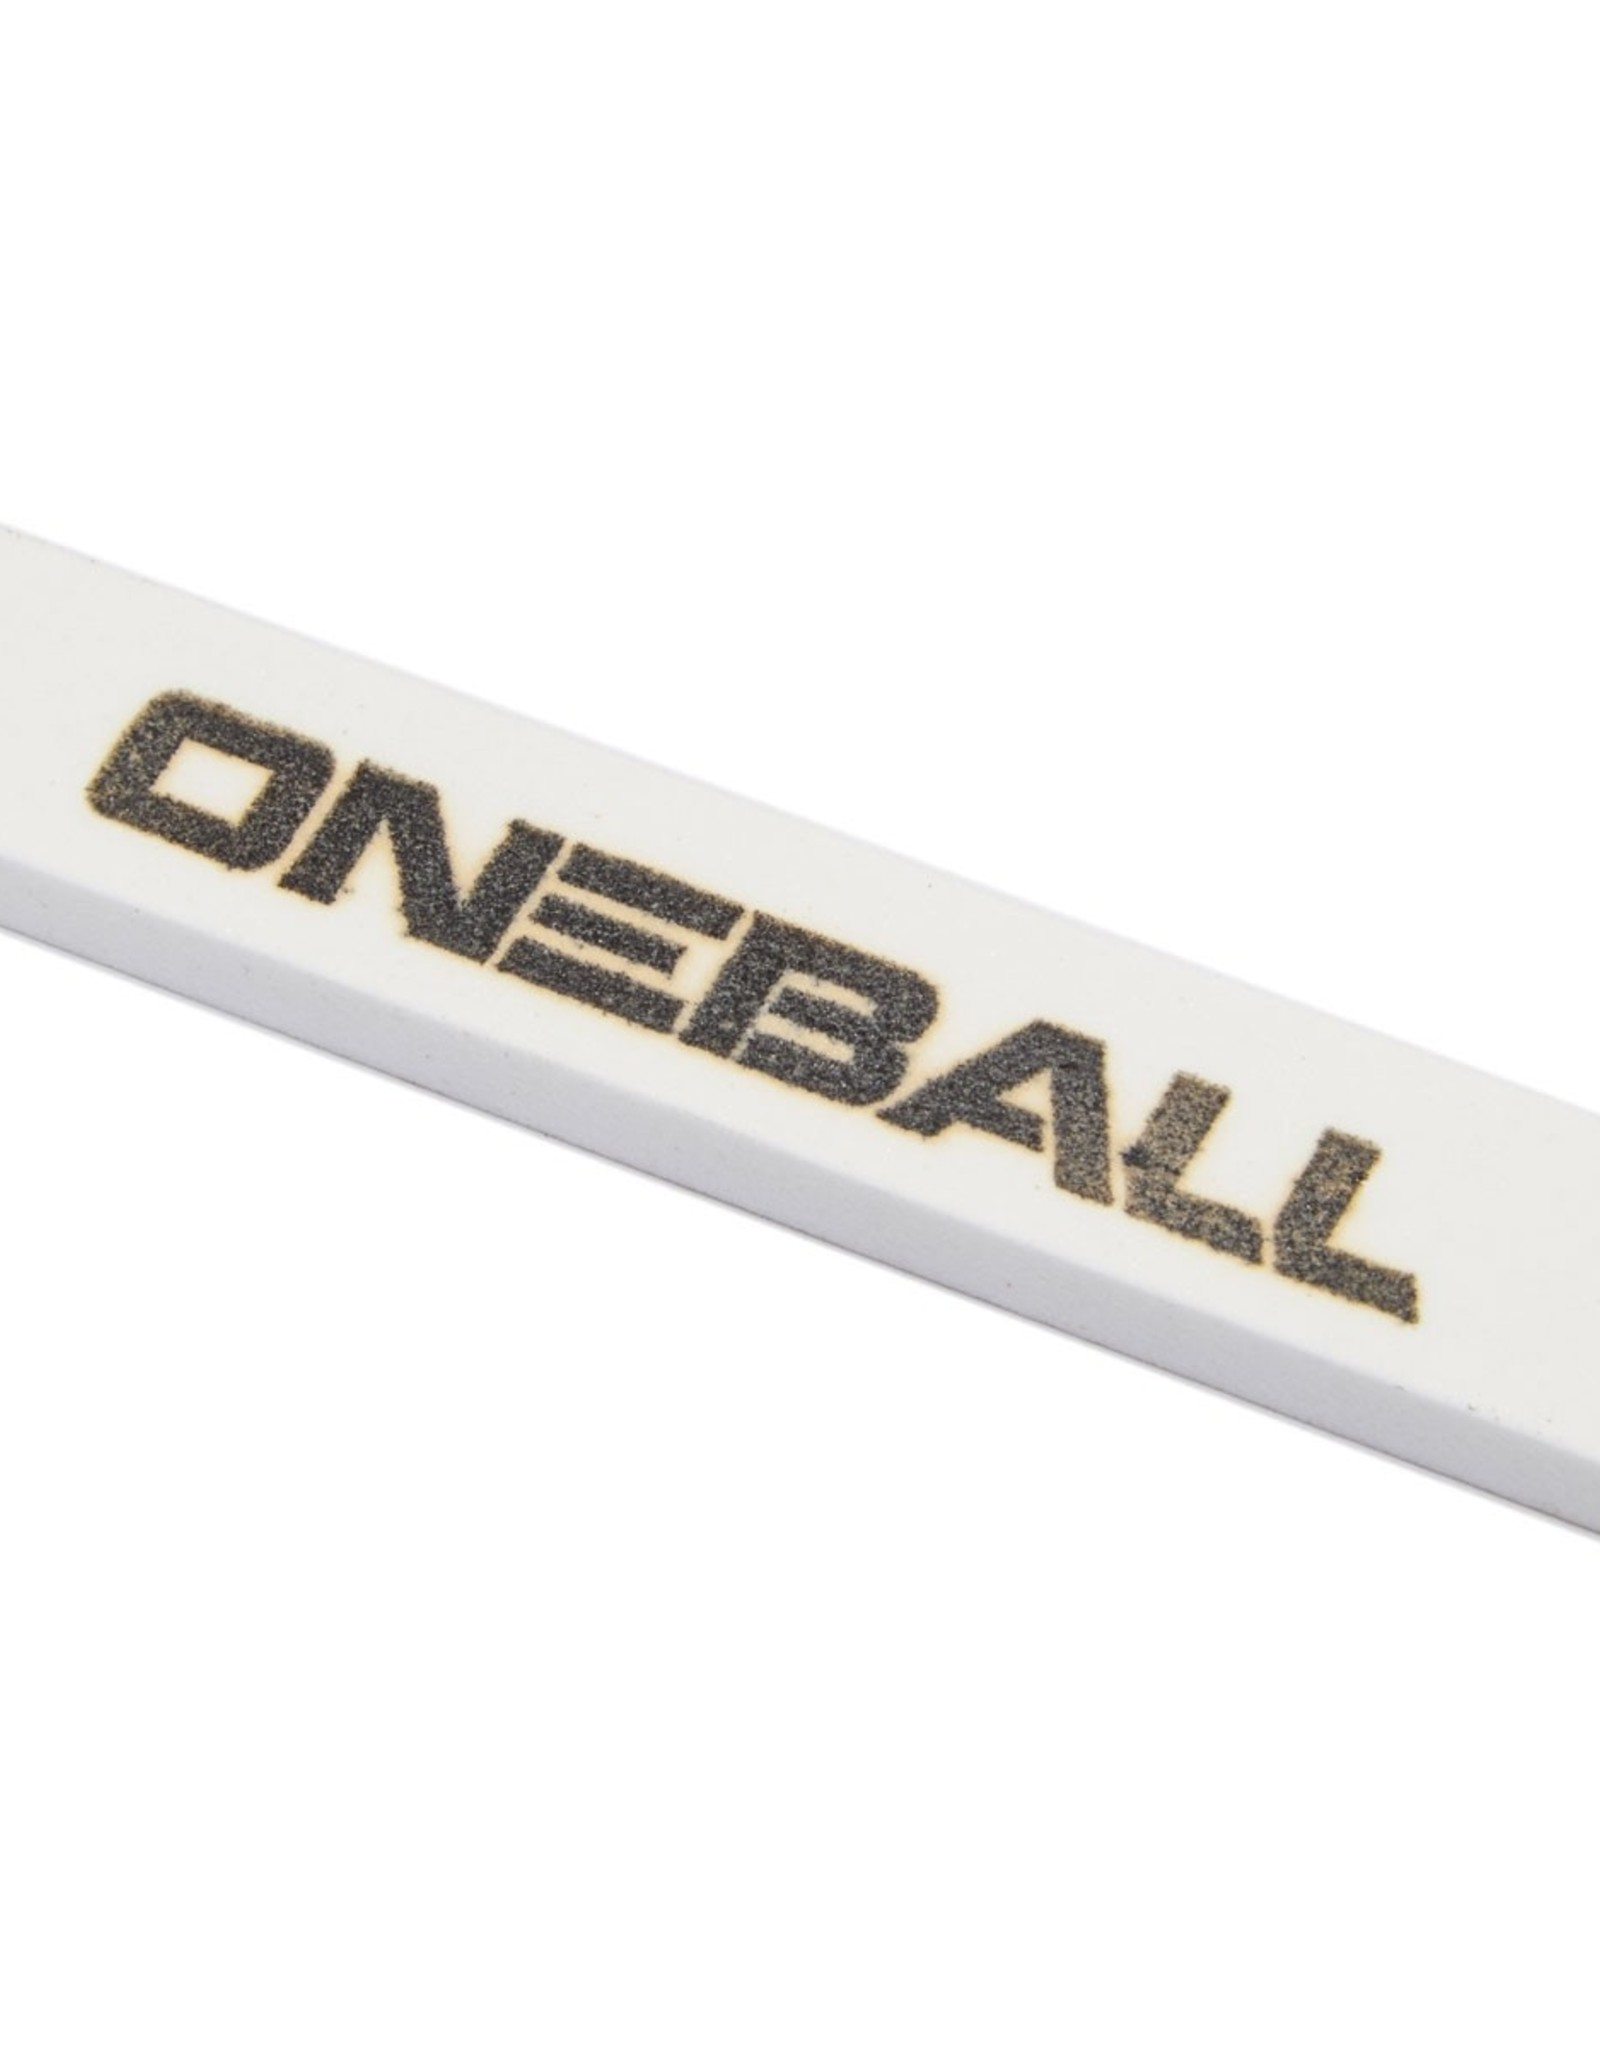 Oneball OneBall Ceramic Stone